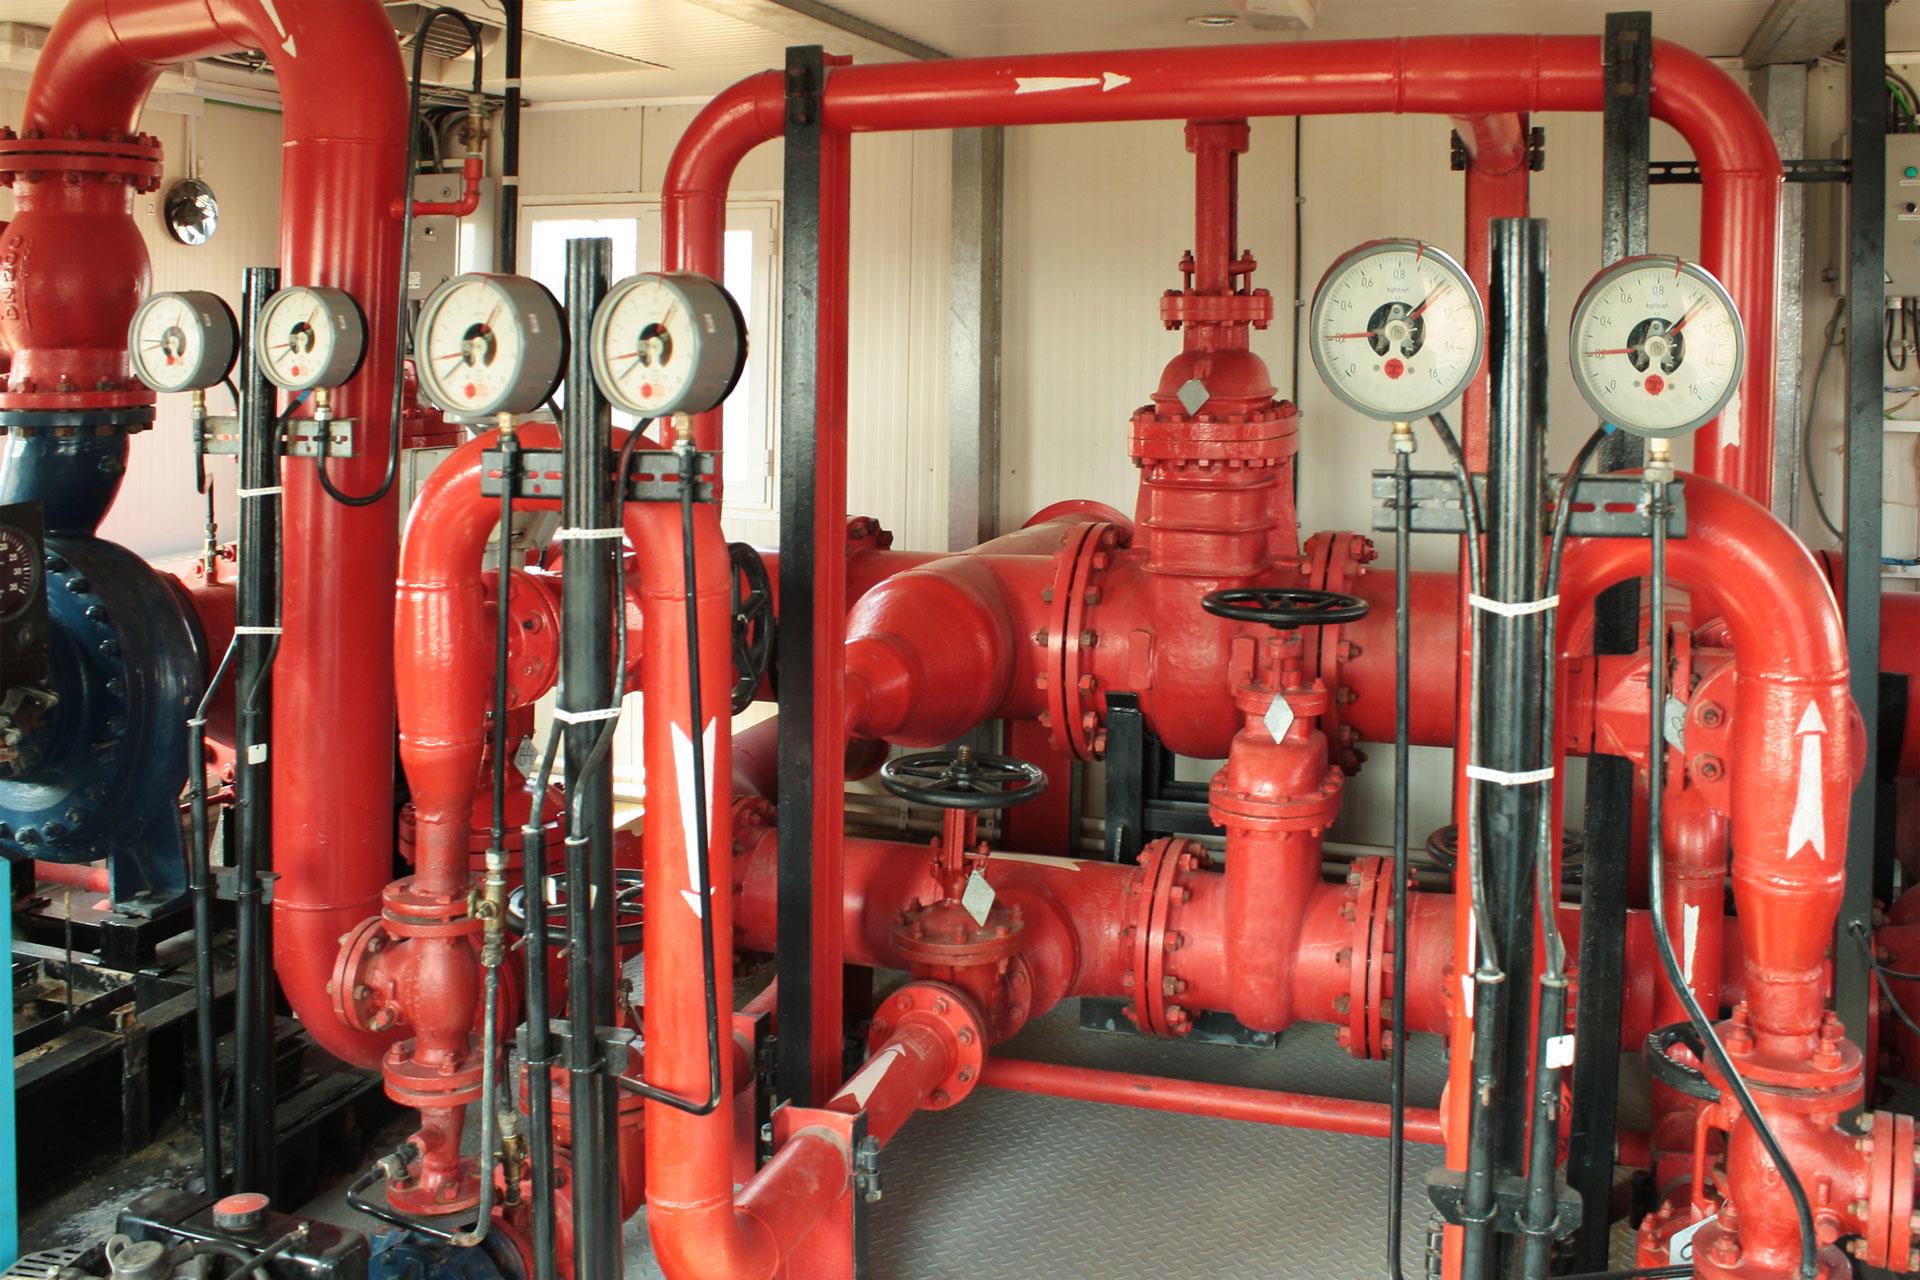 Пожарный водопровод должен обеспечить подачу воды до пожарных кранов в здании. Для этого могут применяться насосы, проектироваться насосные станции.